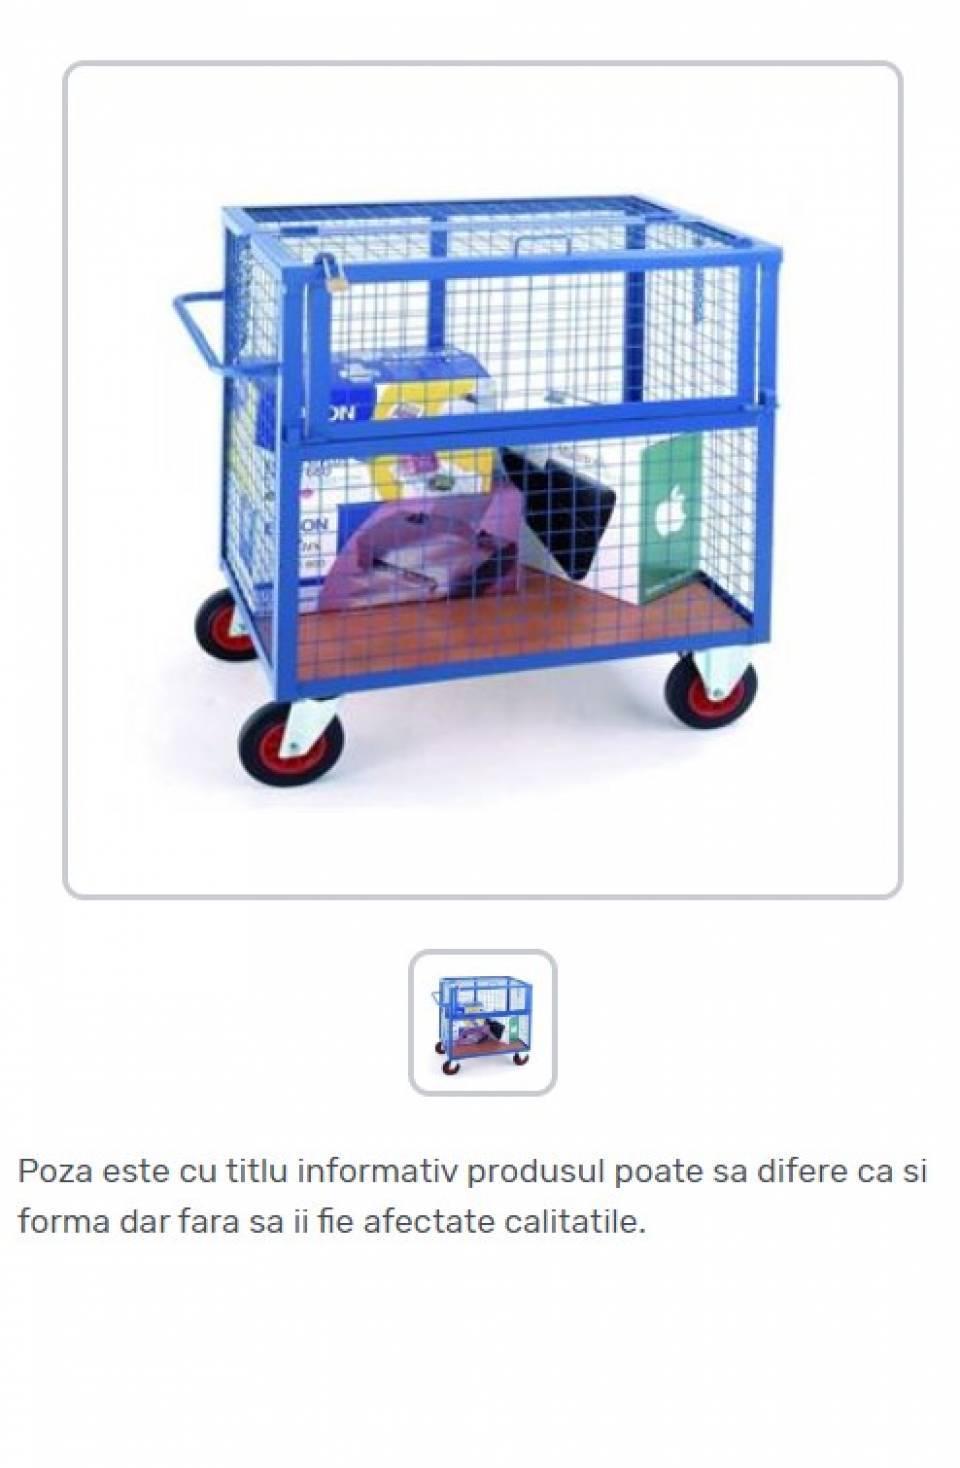 Carucioare antifurt pentru transport valori42174